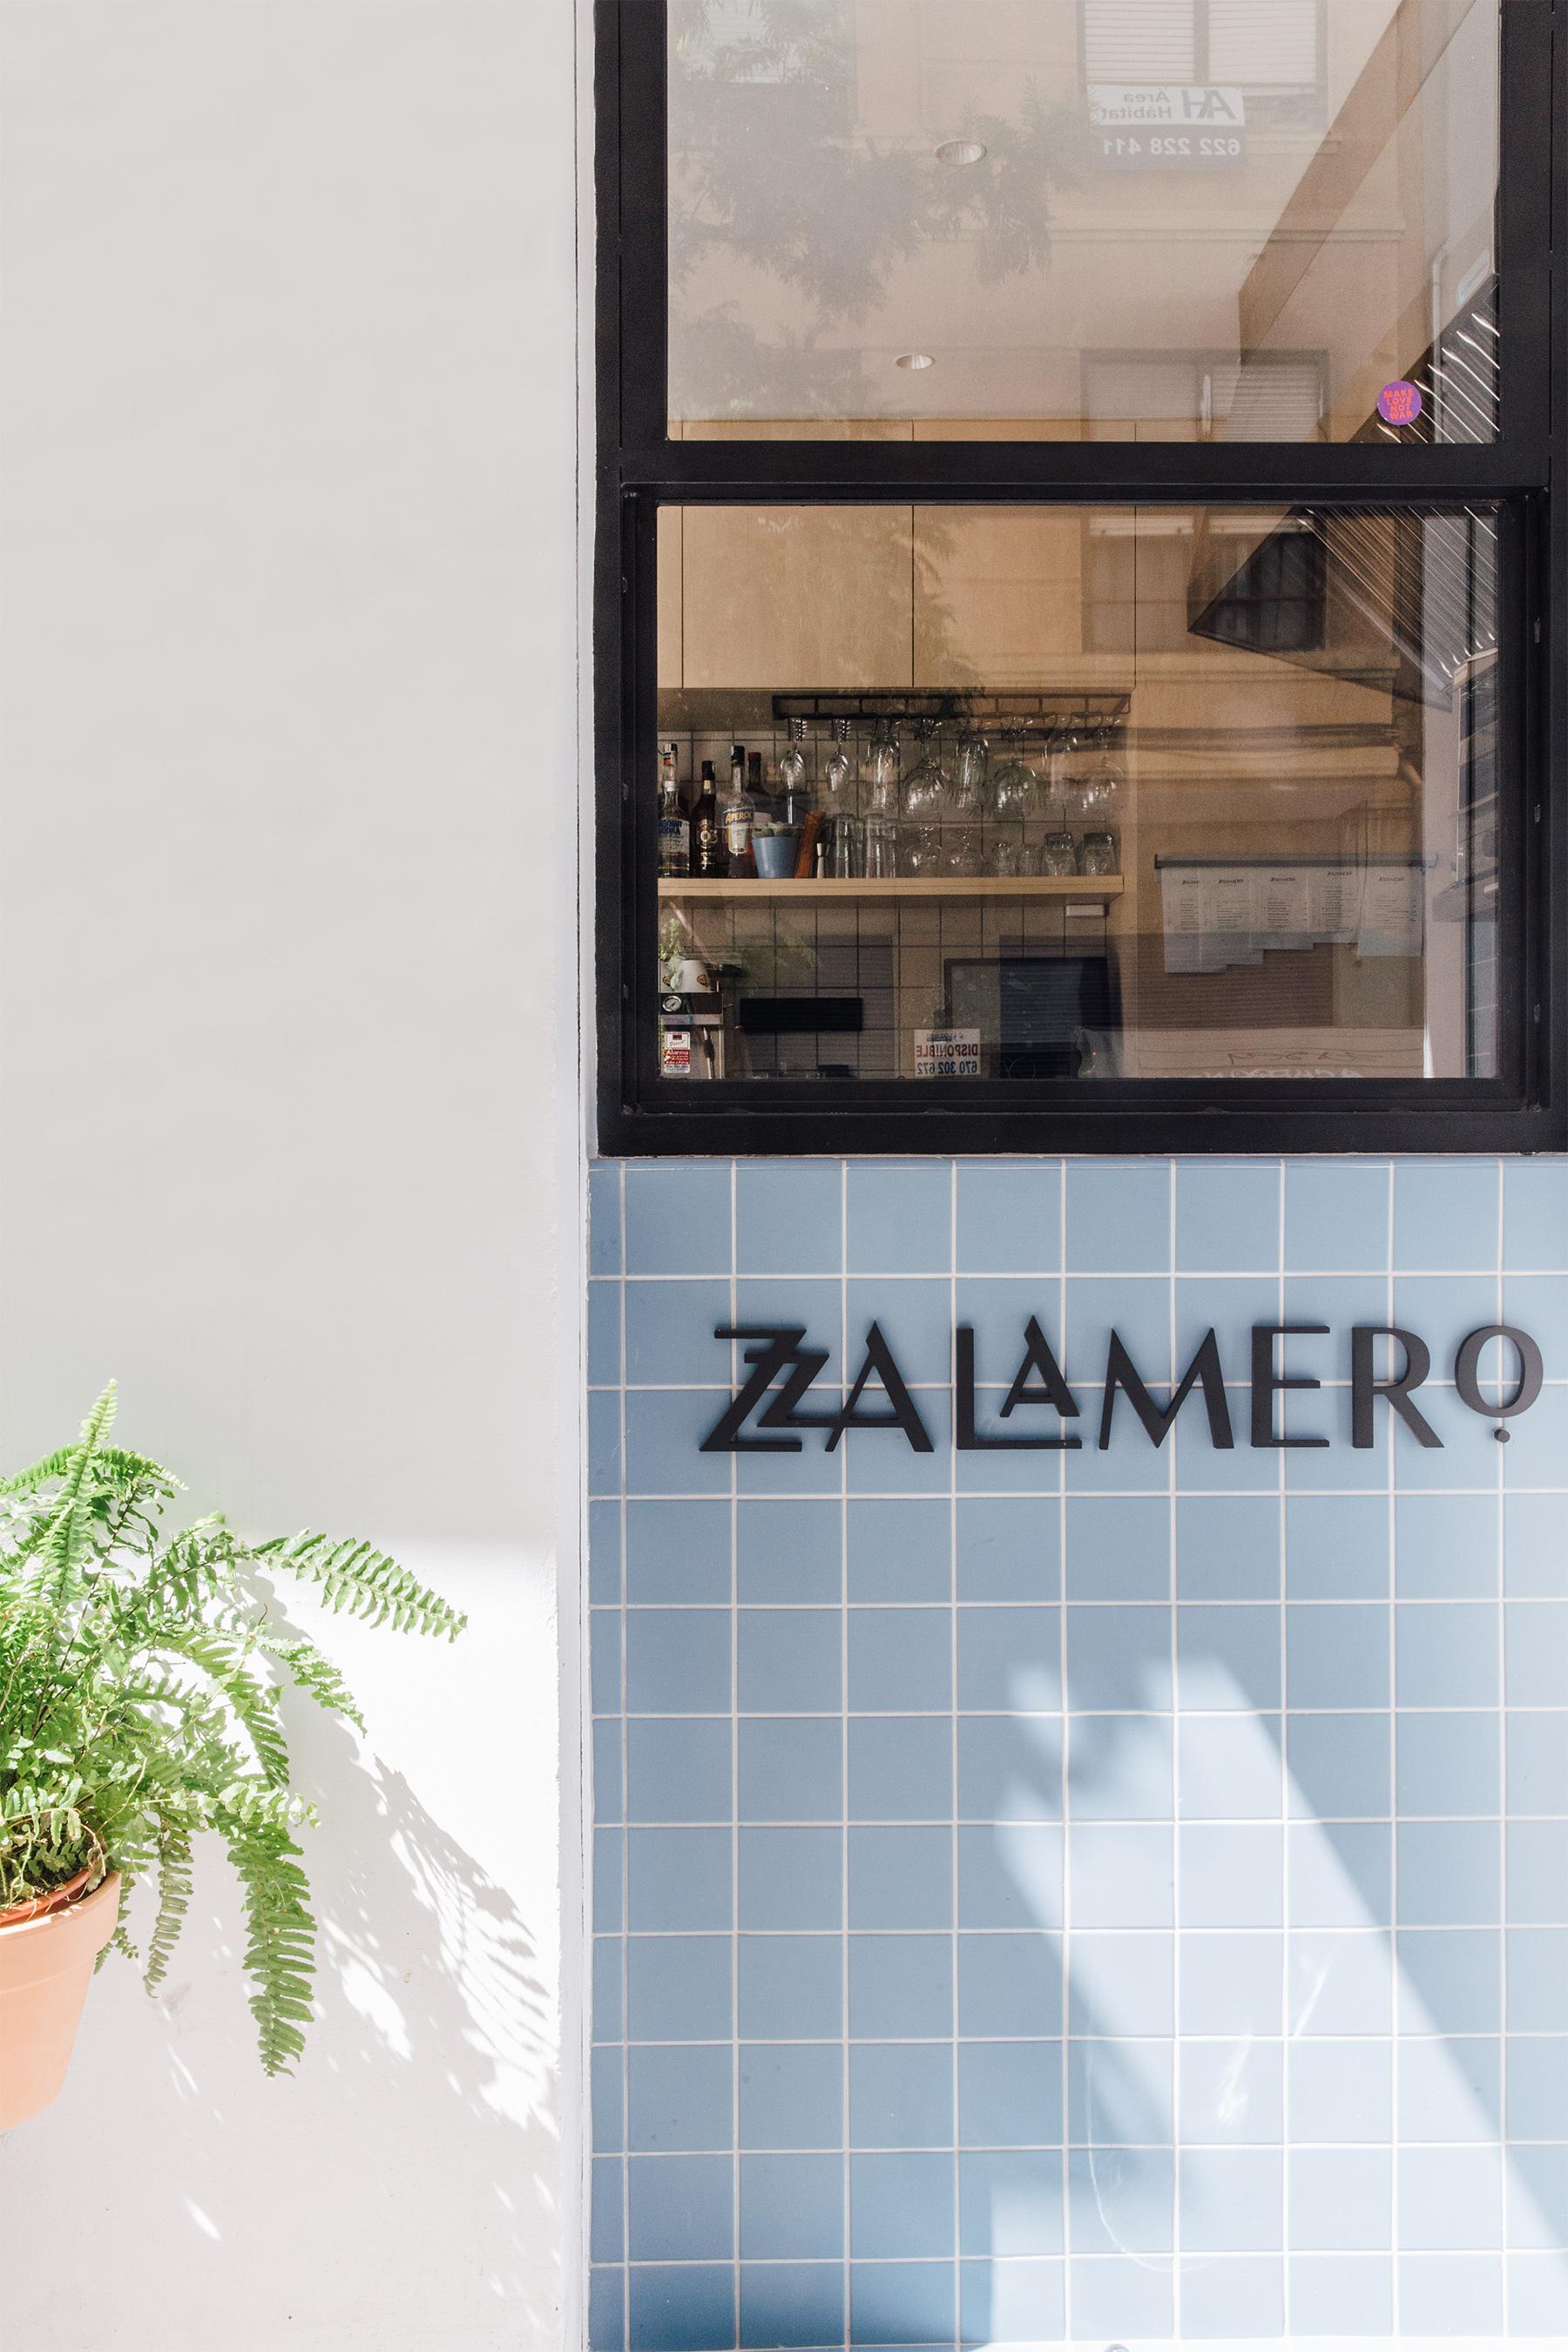 Diseño de cartelería para Zalamero Ruzafa Bar en Valencia